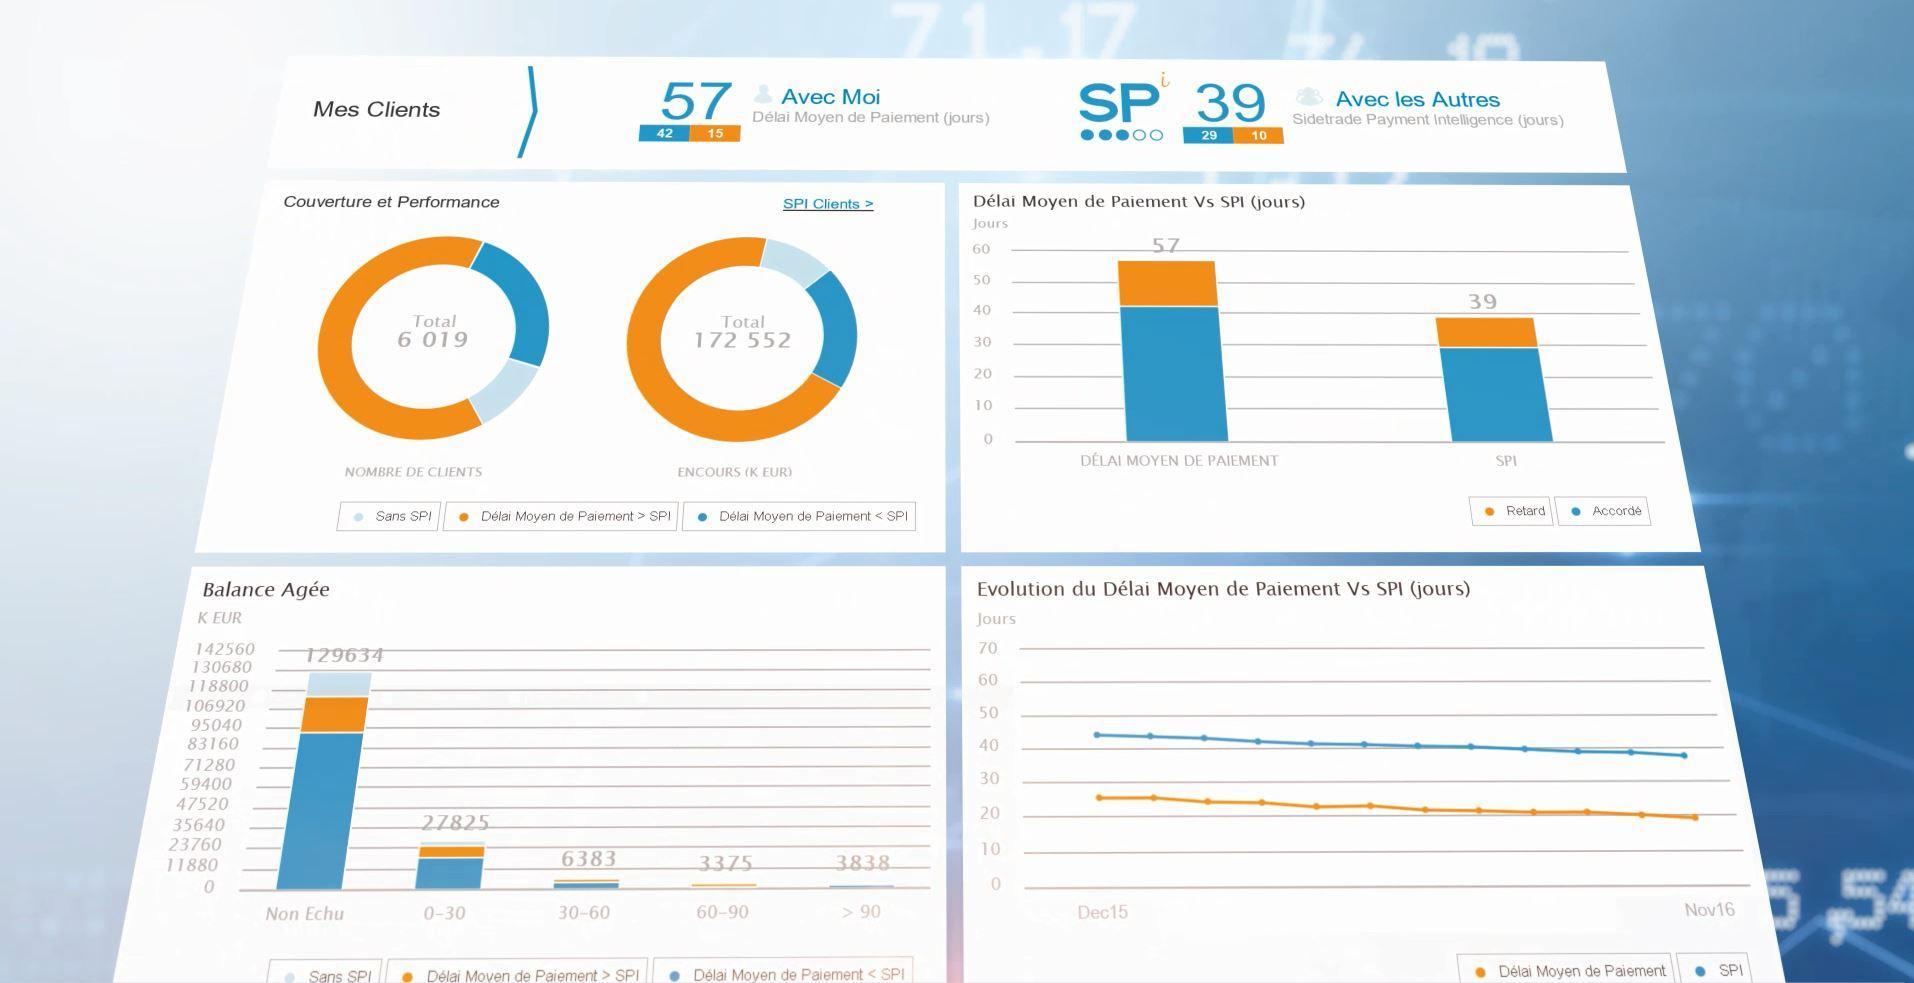 Sidetrade Payment Intelligence - screen shot  5.jpg